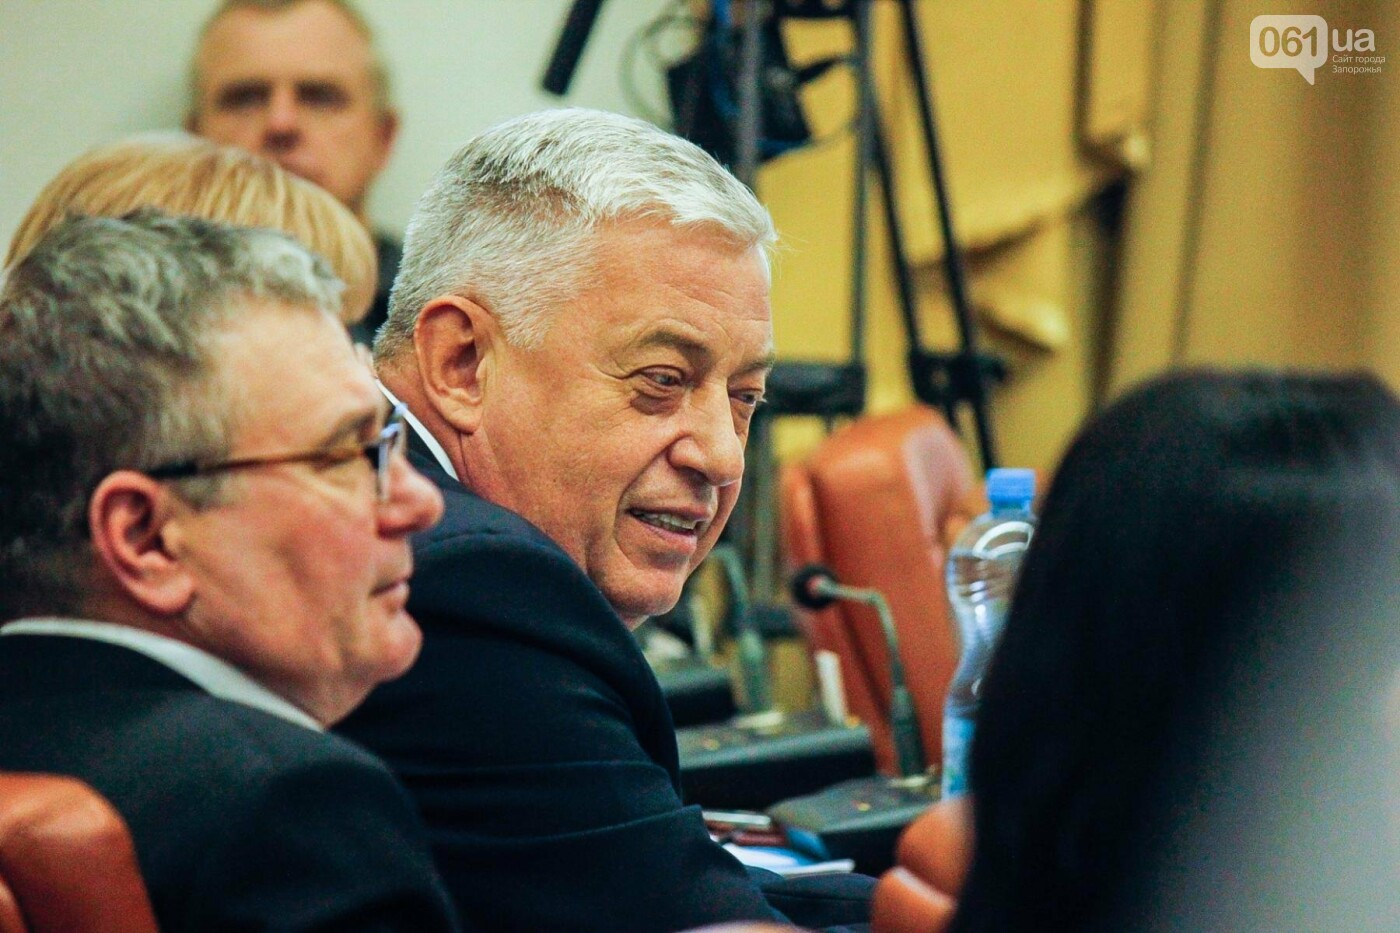 Сессия запорожского горсовета в лицах, - ФОТОРЕПОРТАЖ, фото-43